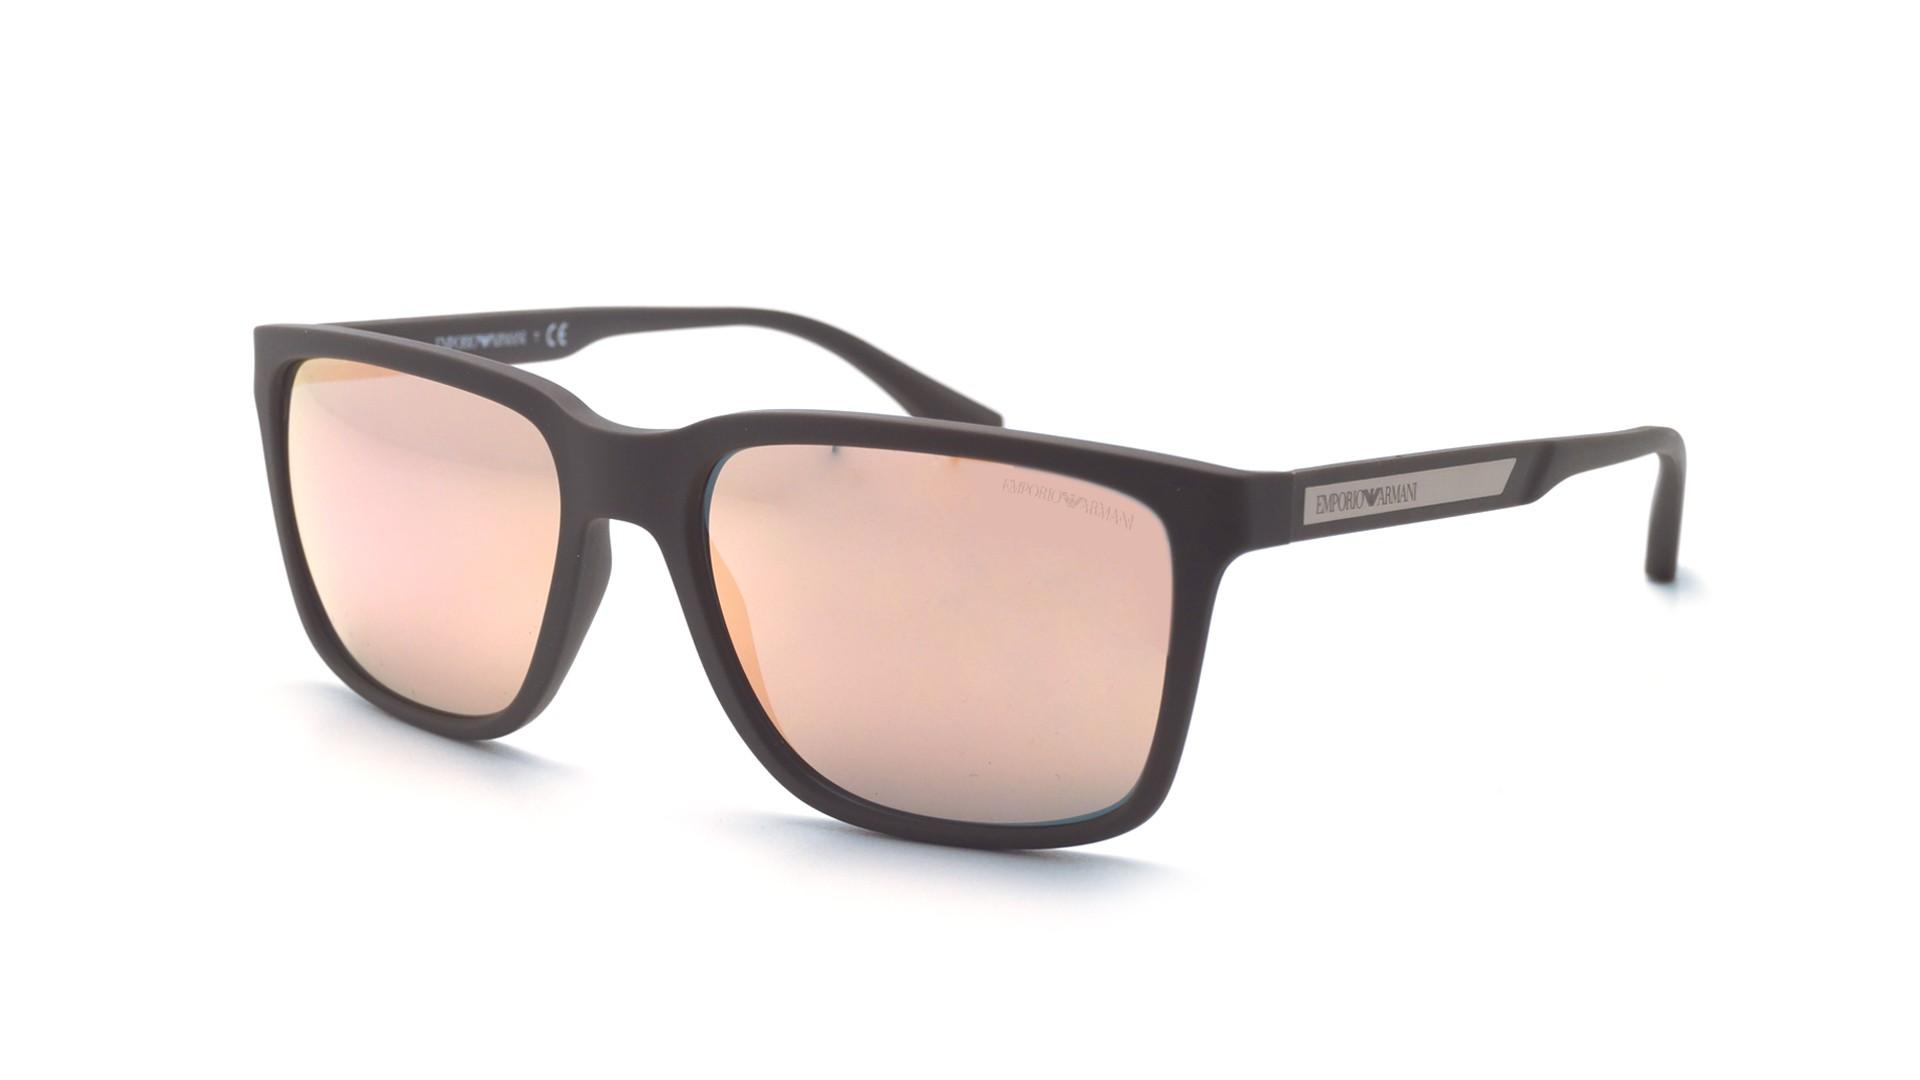 8000393b361a Sunglasses Emporio Armani EA4047 53054Z 56-17 Brown Matte Large Mirror